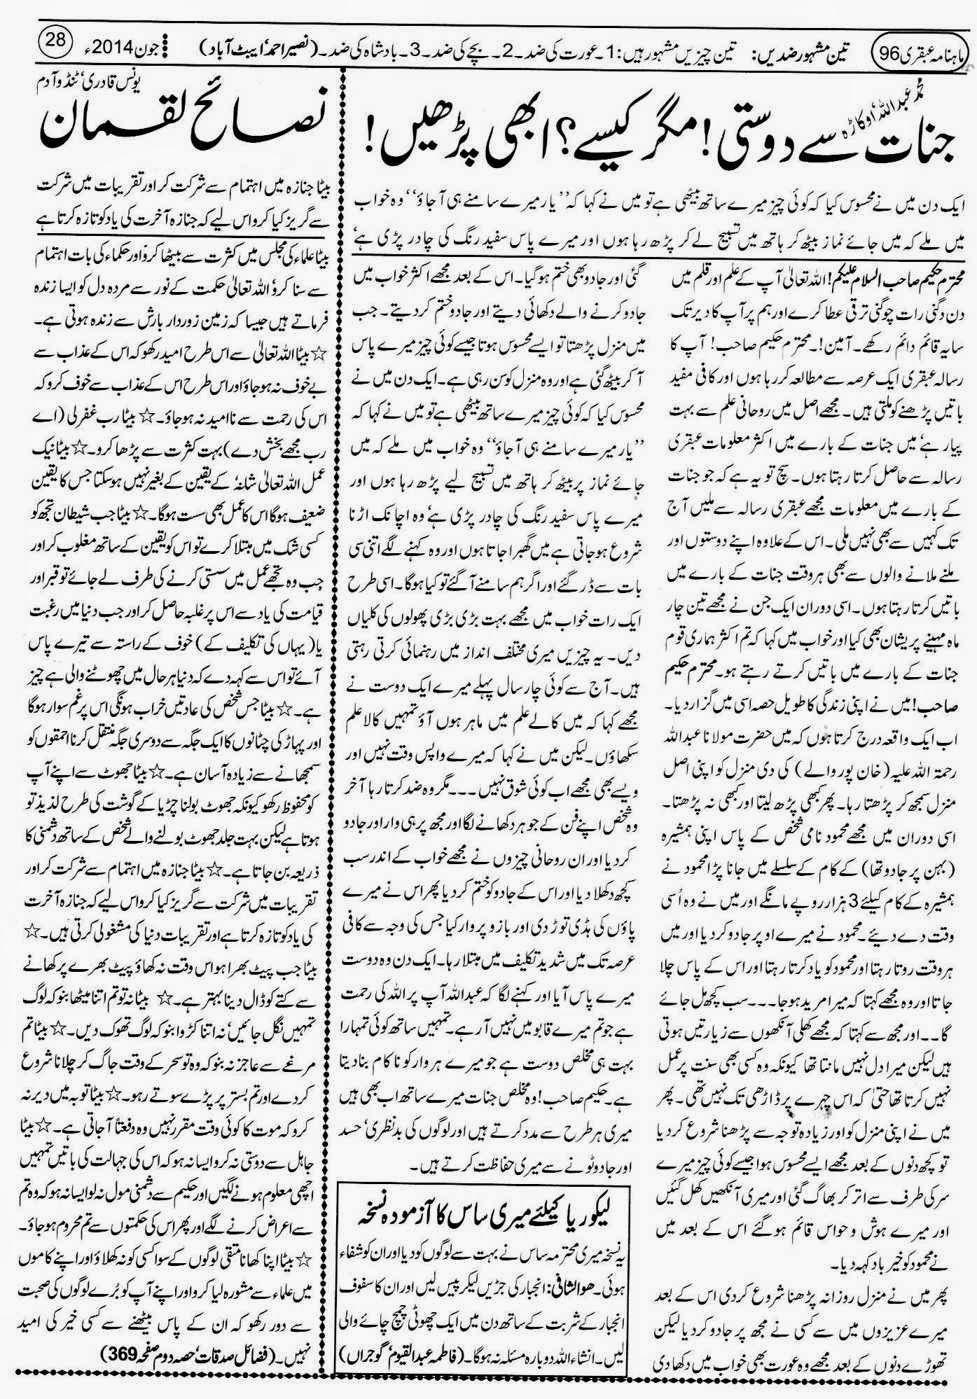 ubqari june 2014 page 28